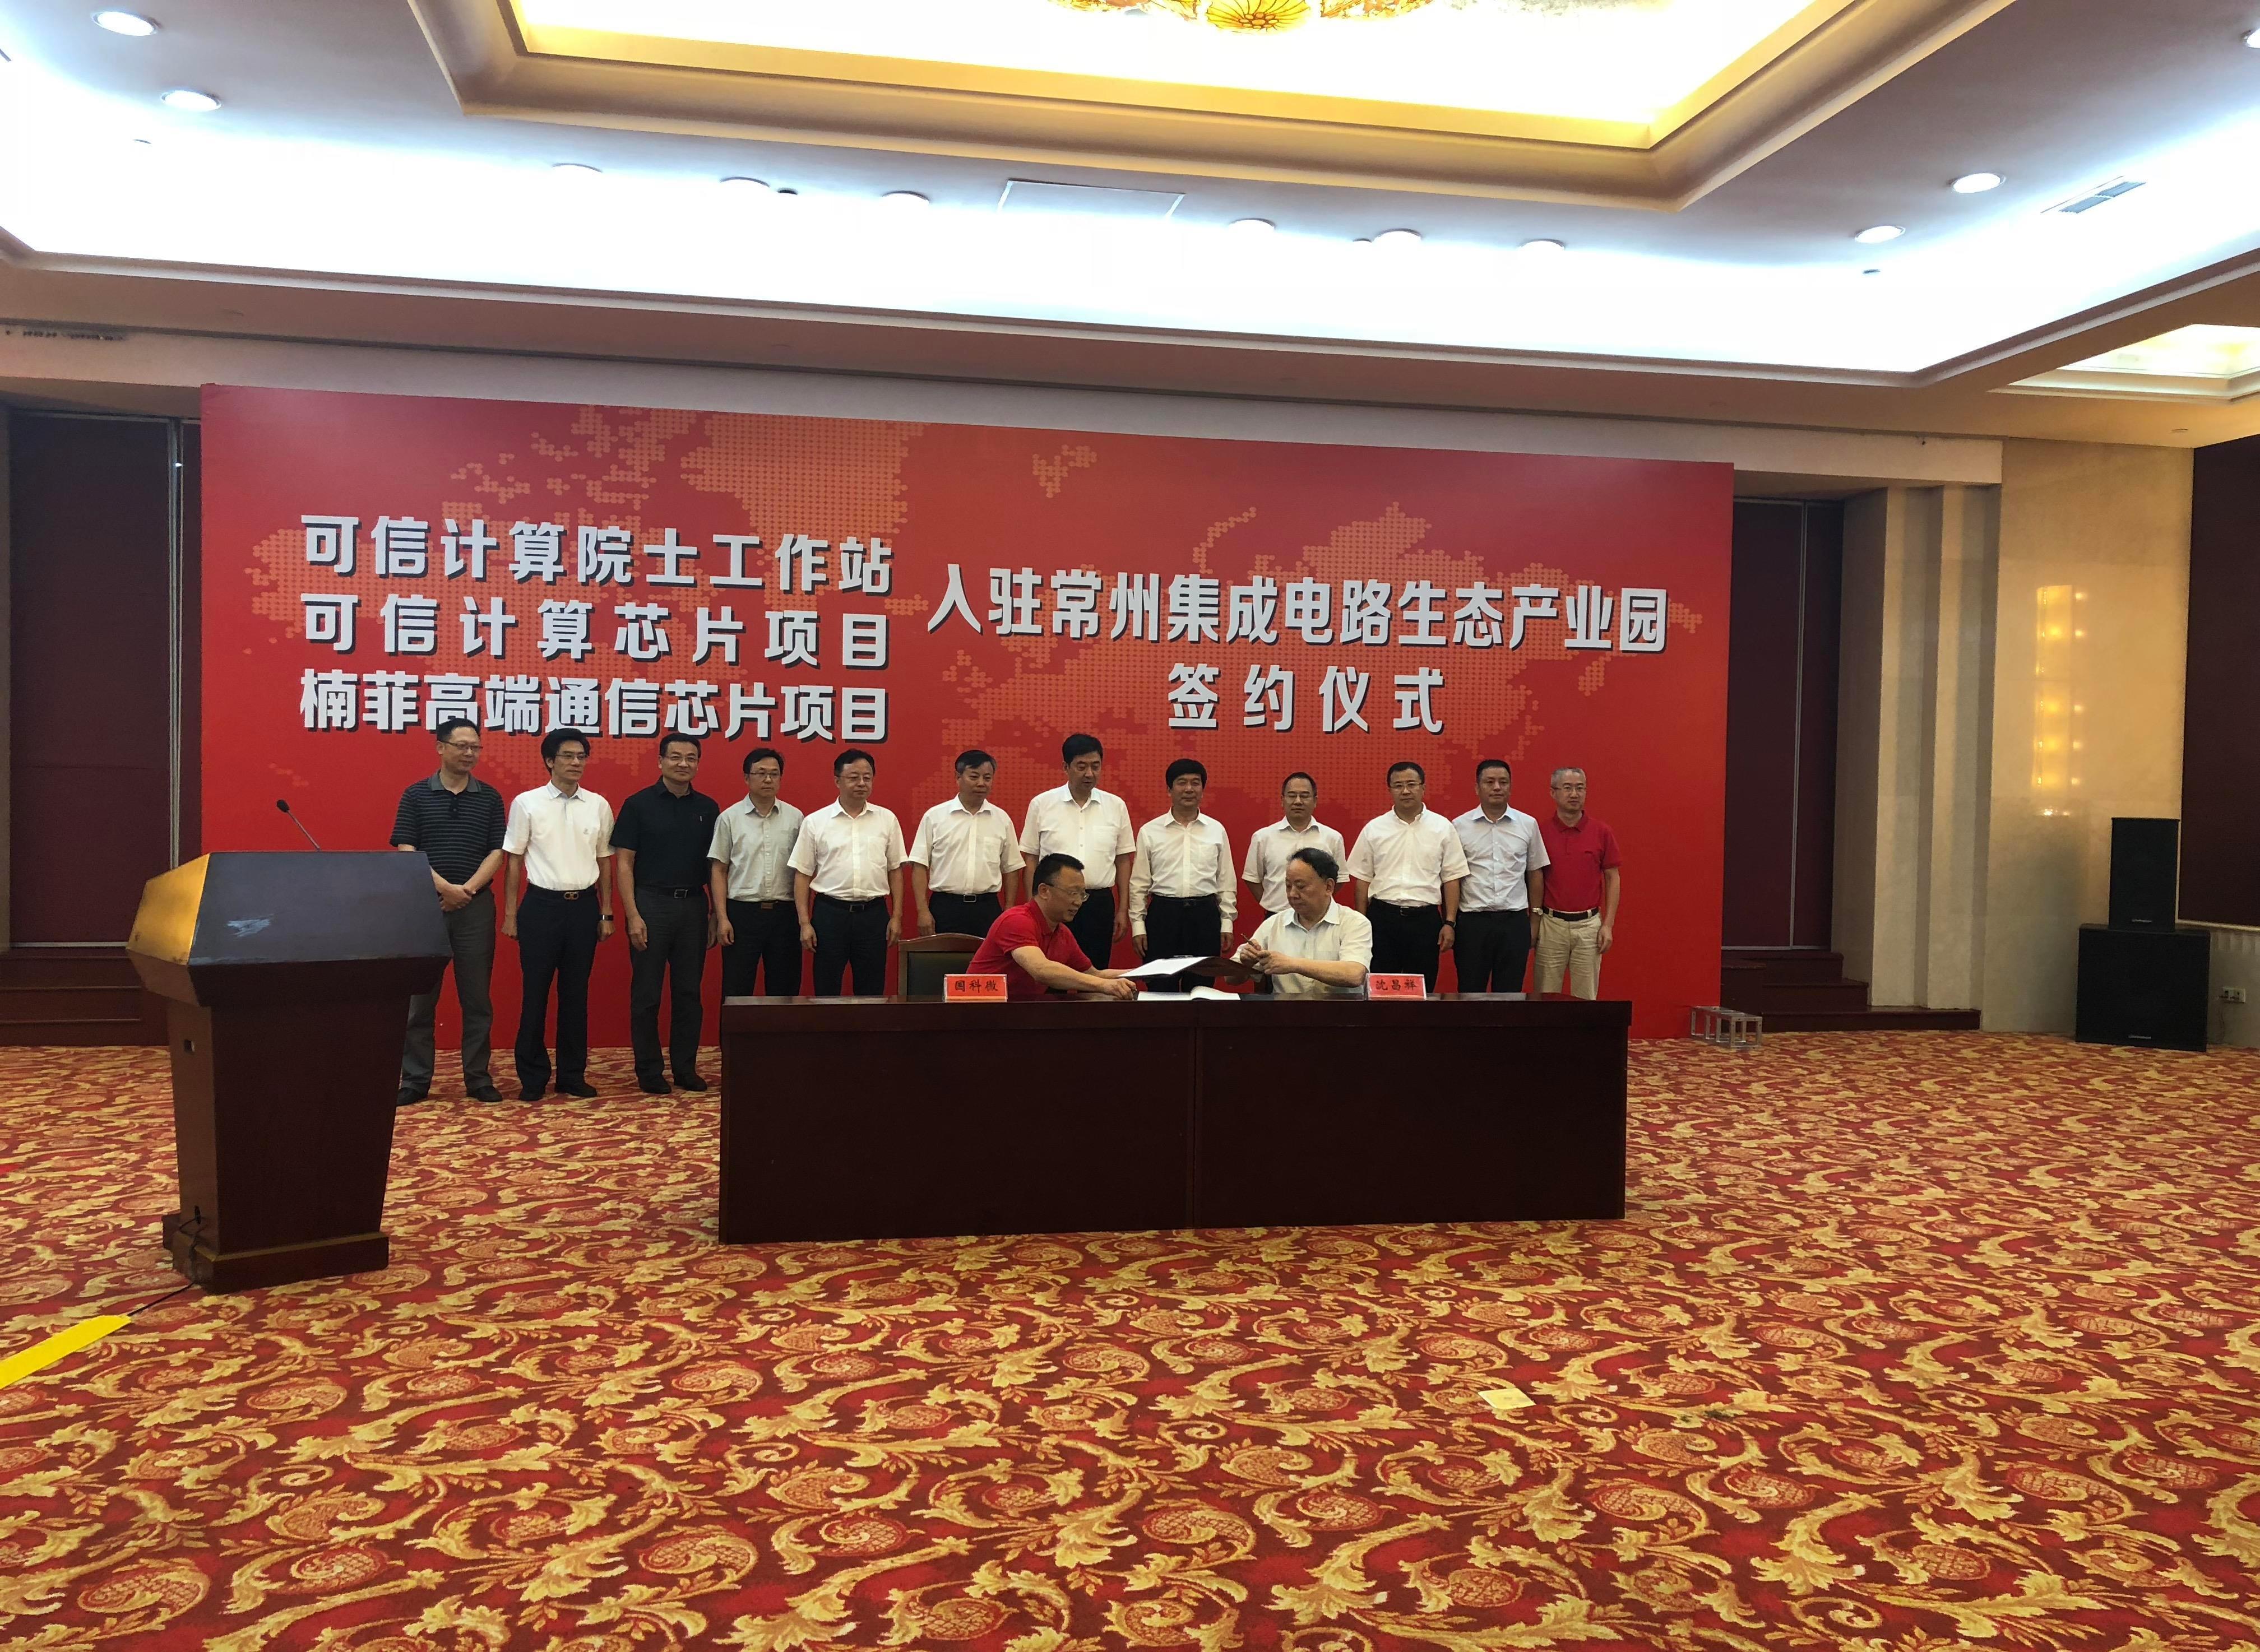 国家集成电路产业投资基金总裁丁文武表示,近年来,国家大力发展集成